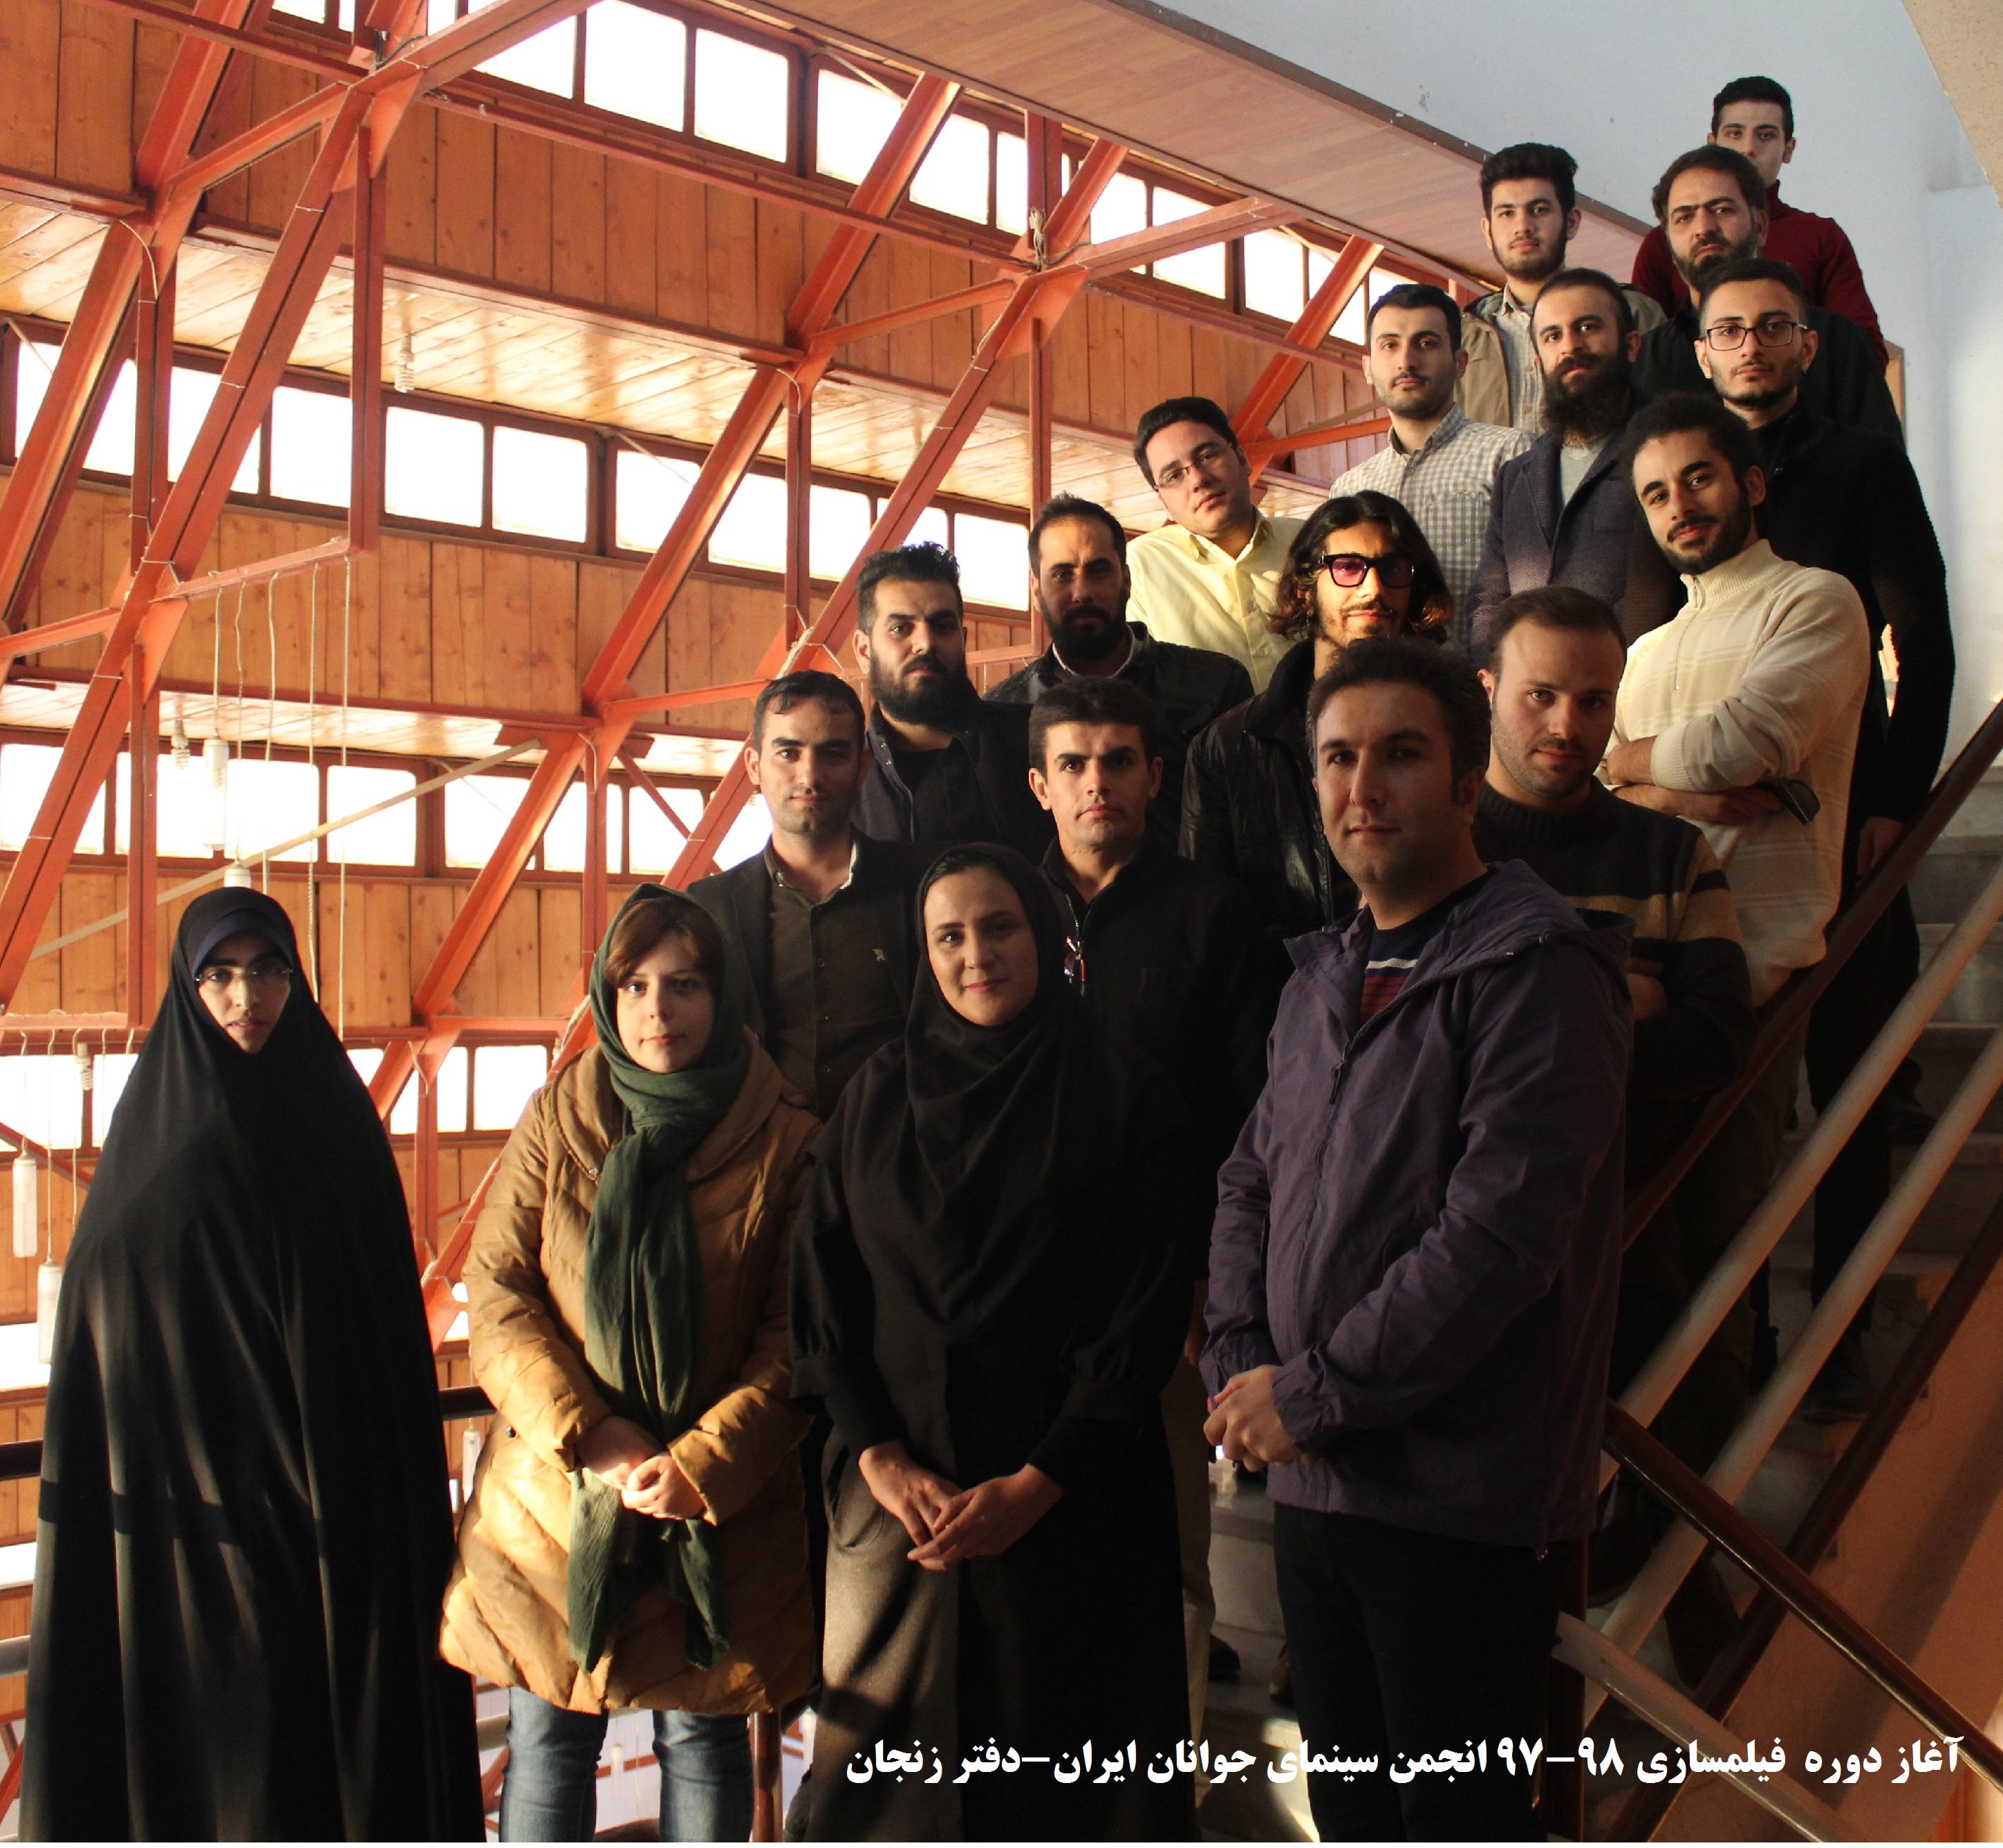 آغاز دوره آموزشی فیلمسازی سال ۹۸-۹۷ دفتر زنجان